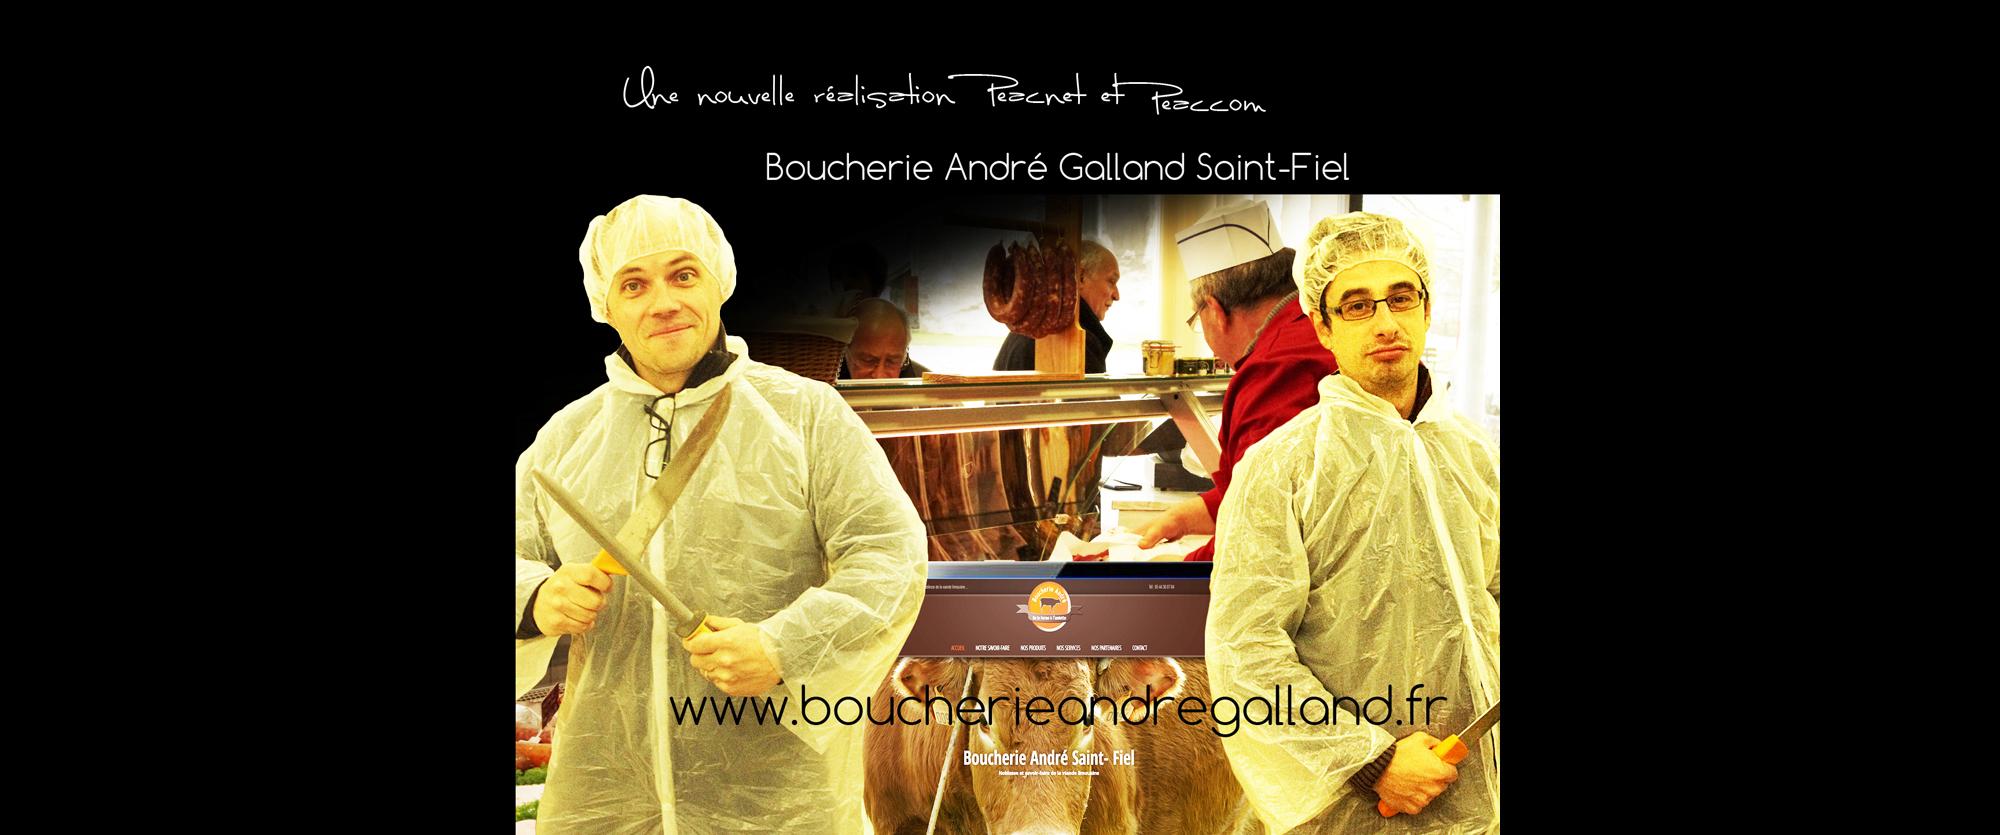 Dernière réalisation de Peacnet & Peaccom: site internet pour la Boucherie André à Saint-Fiel (Creuse)